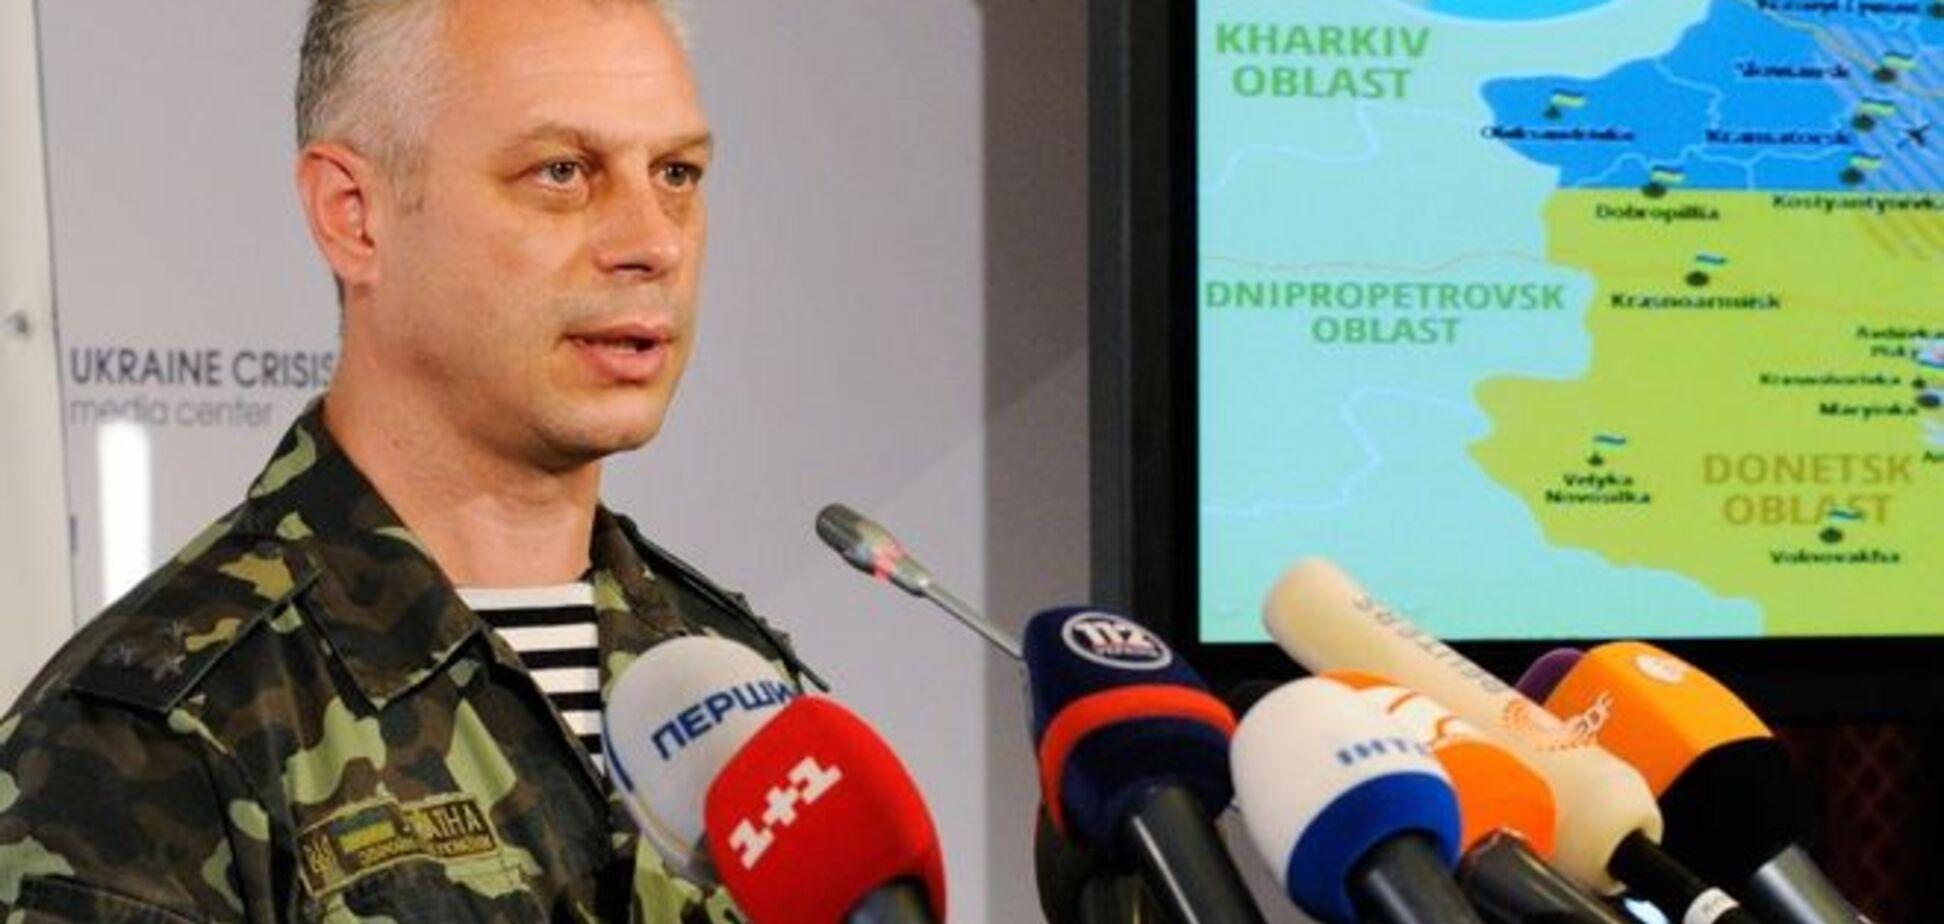 Масштабного наступлении террористов на Донбассе нет, но Москва дала указания – Лысенко